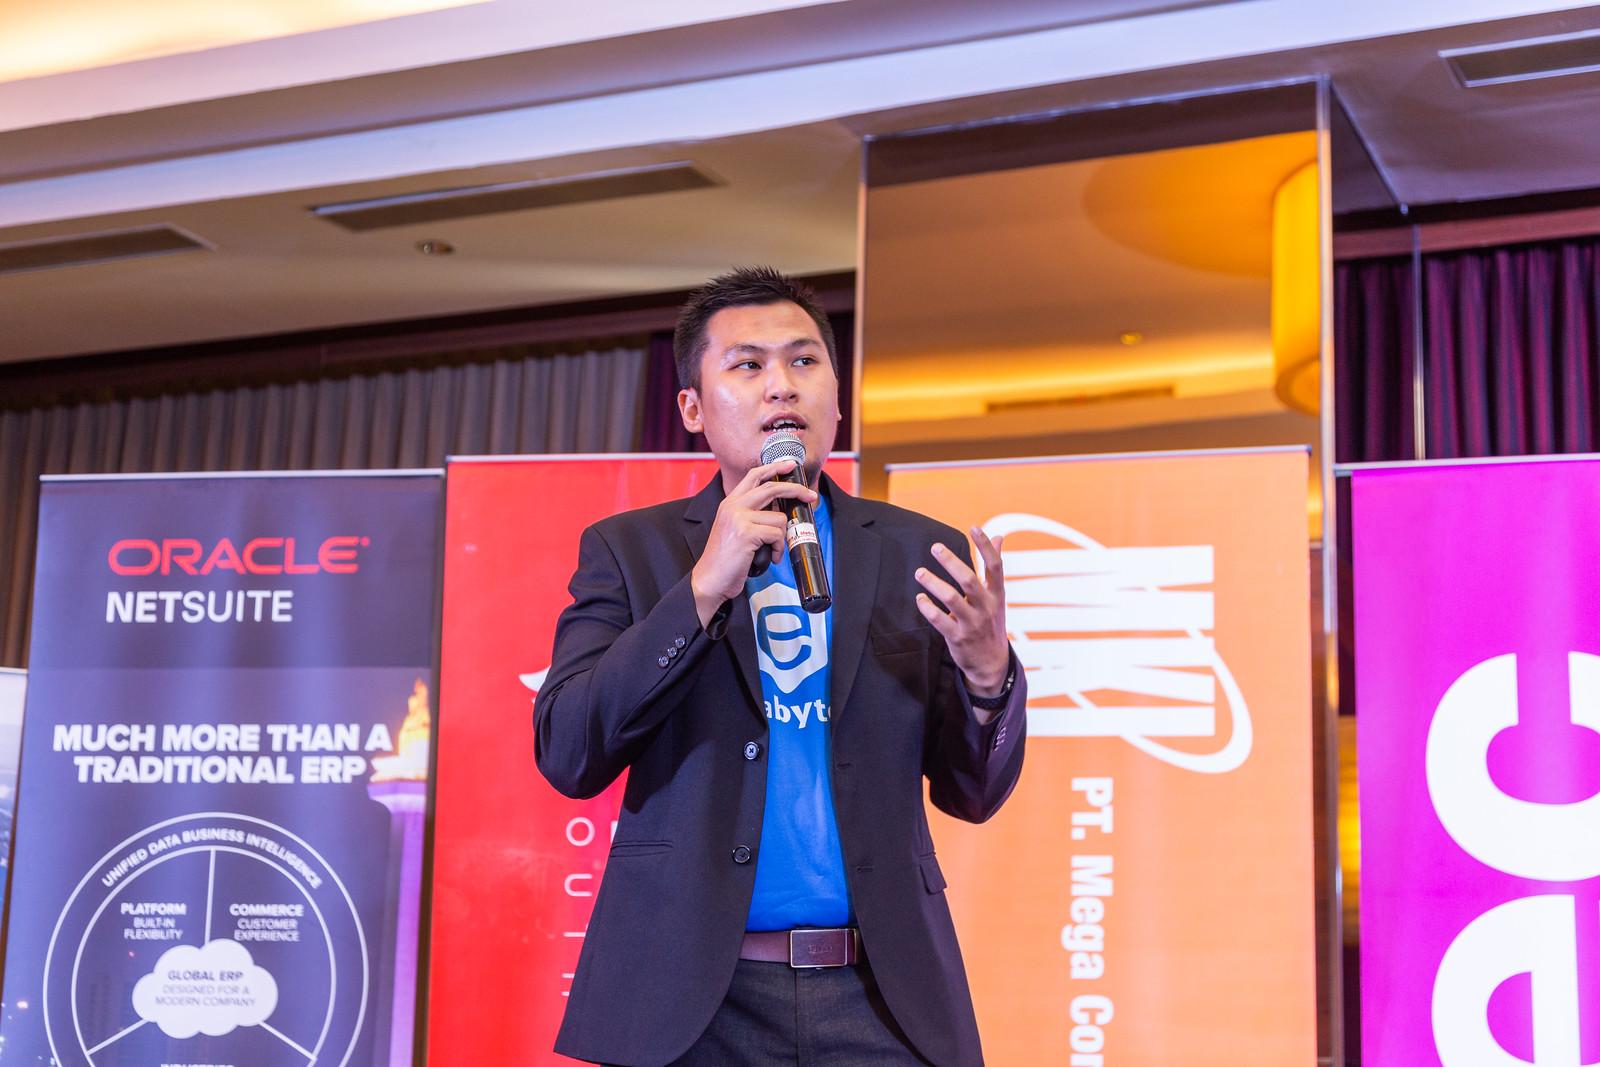 Intip Siapa Saja Speaker di SME Digital Fest, Yuk! - 2021